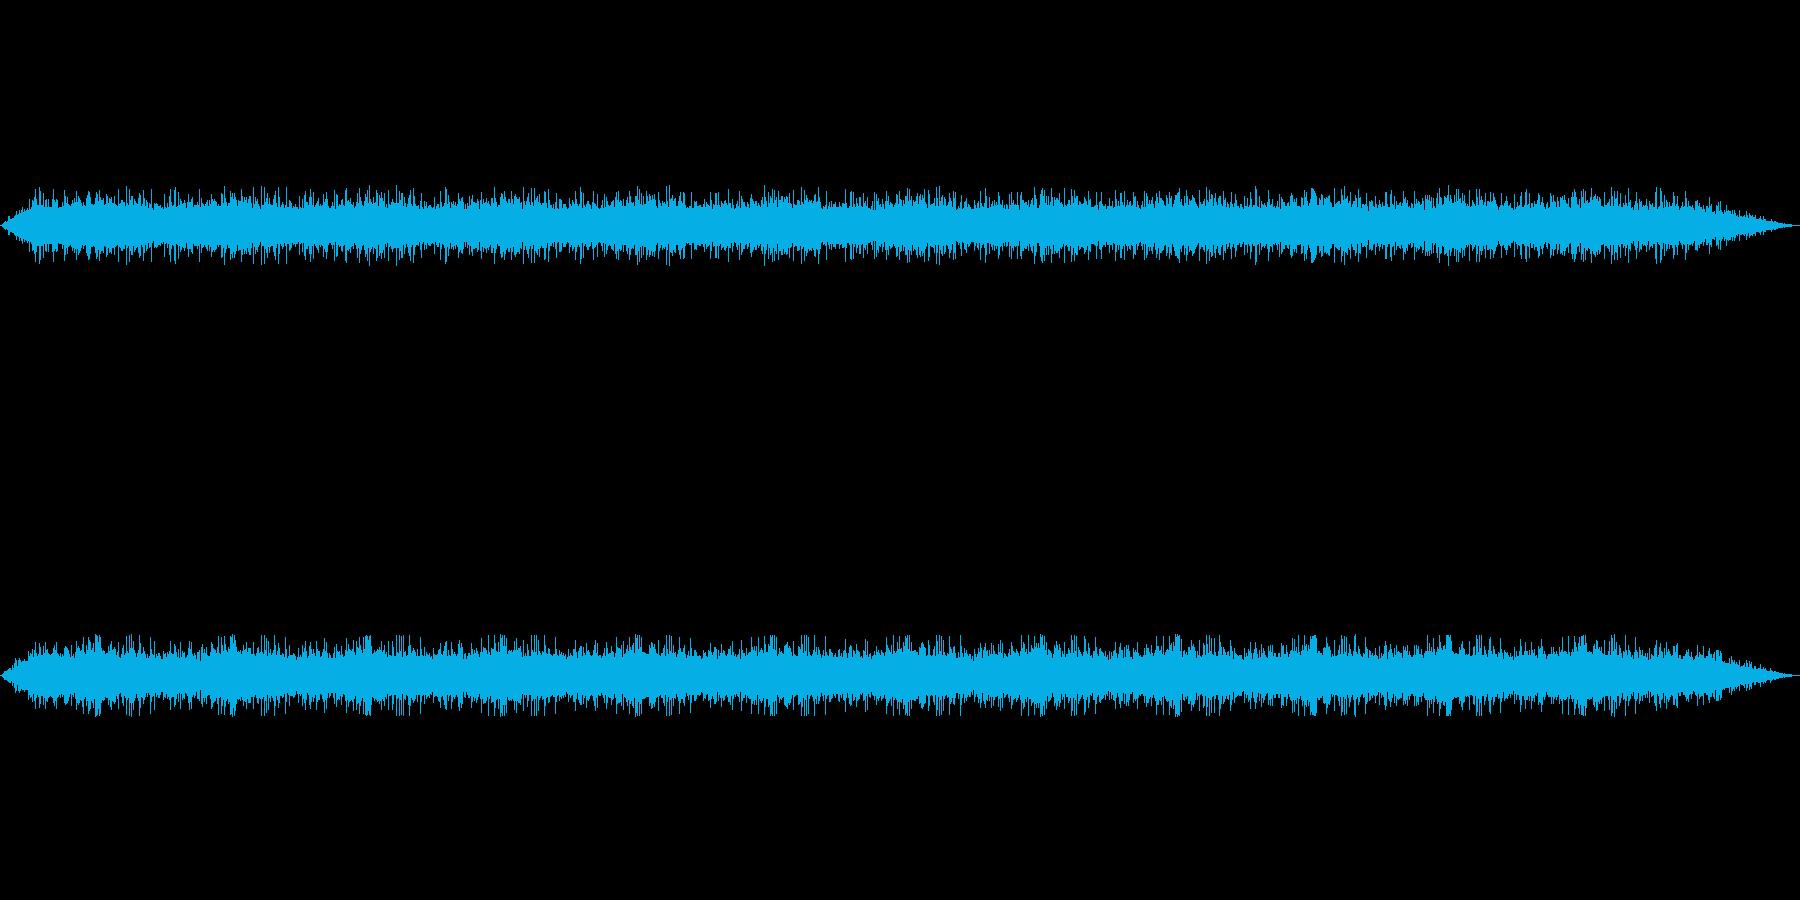 【雨 生録 環境01-1】の再生済みの波形